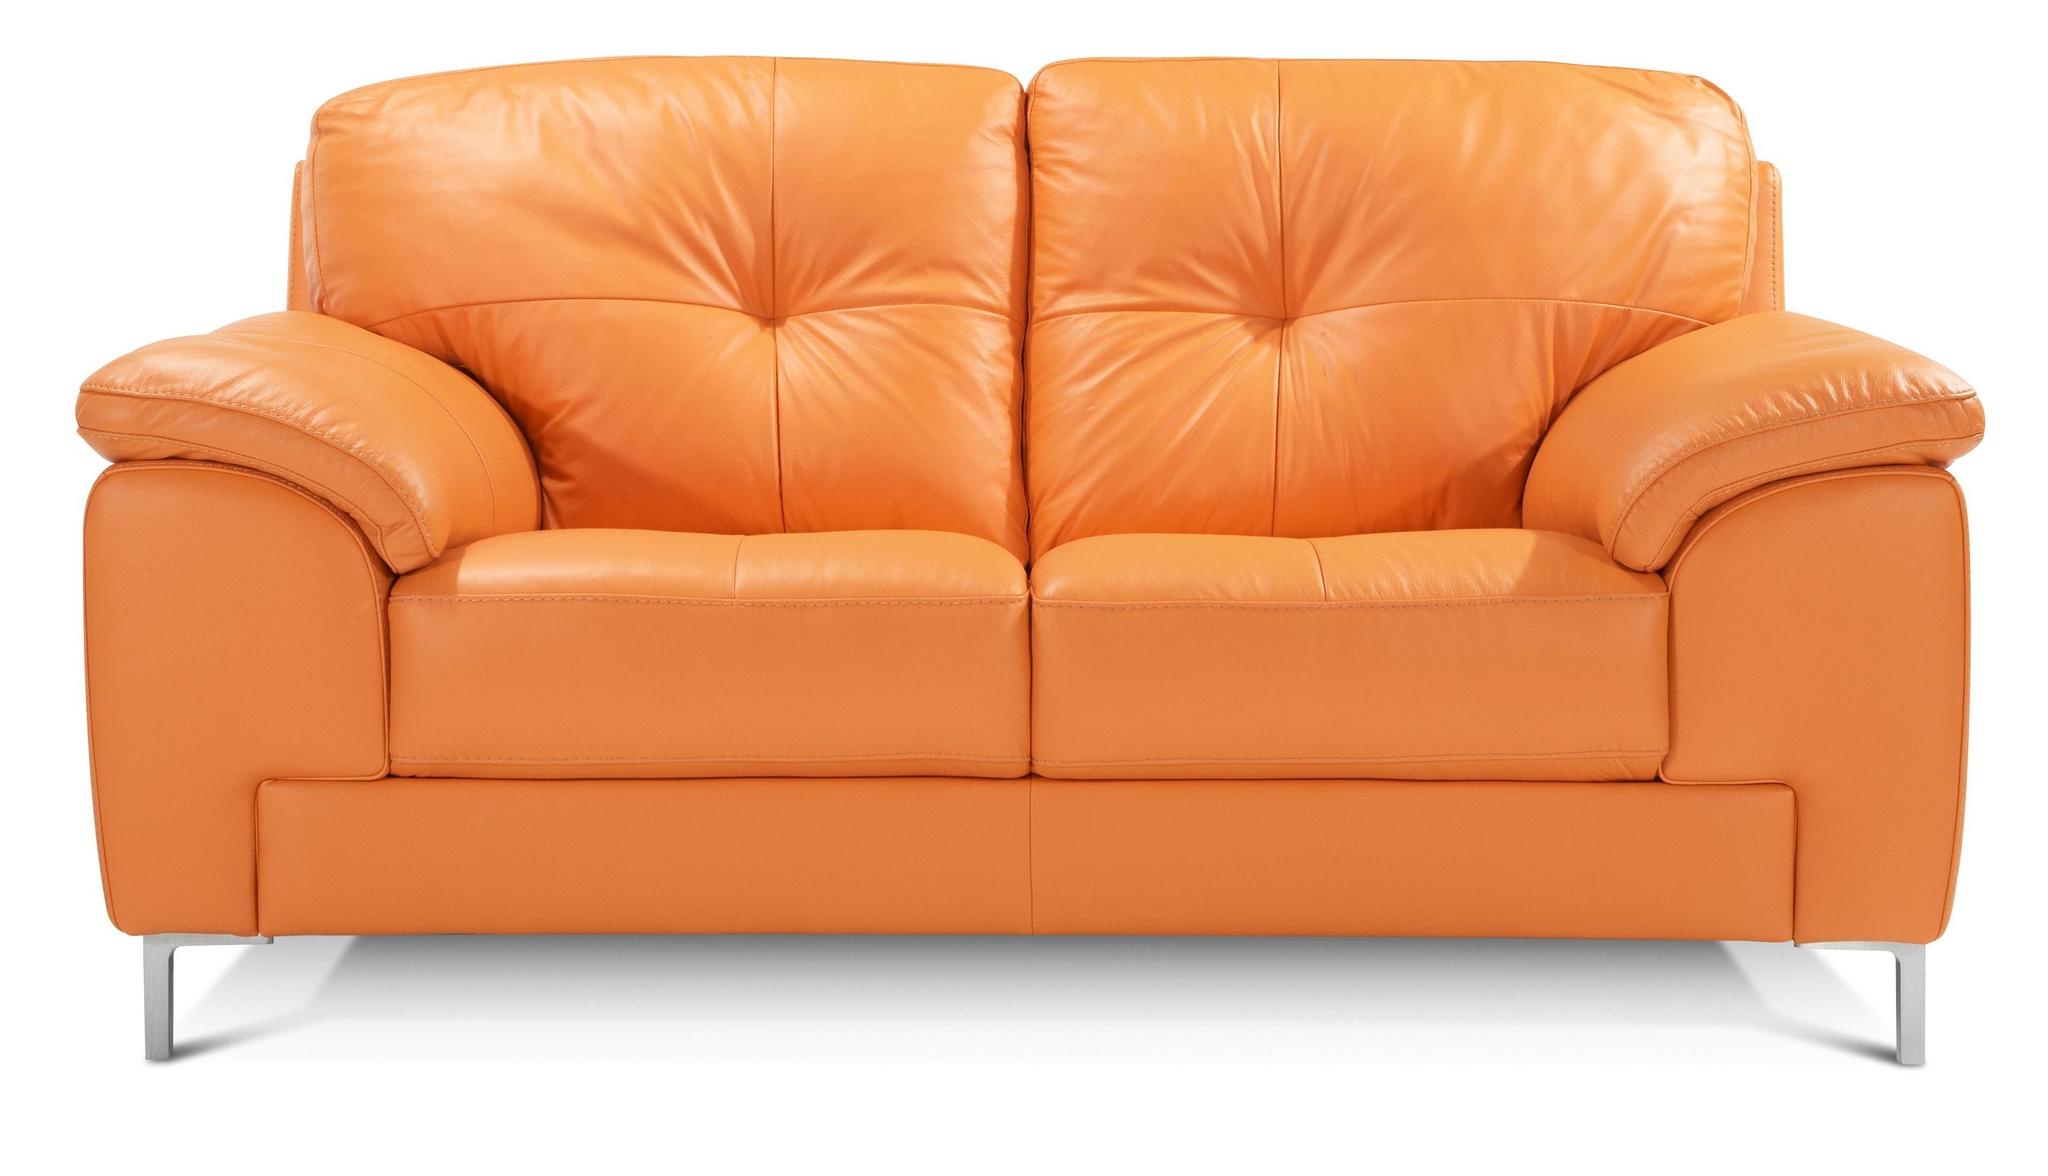 Dfs Orange Sofa